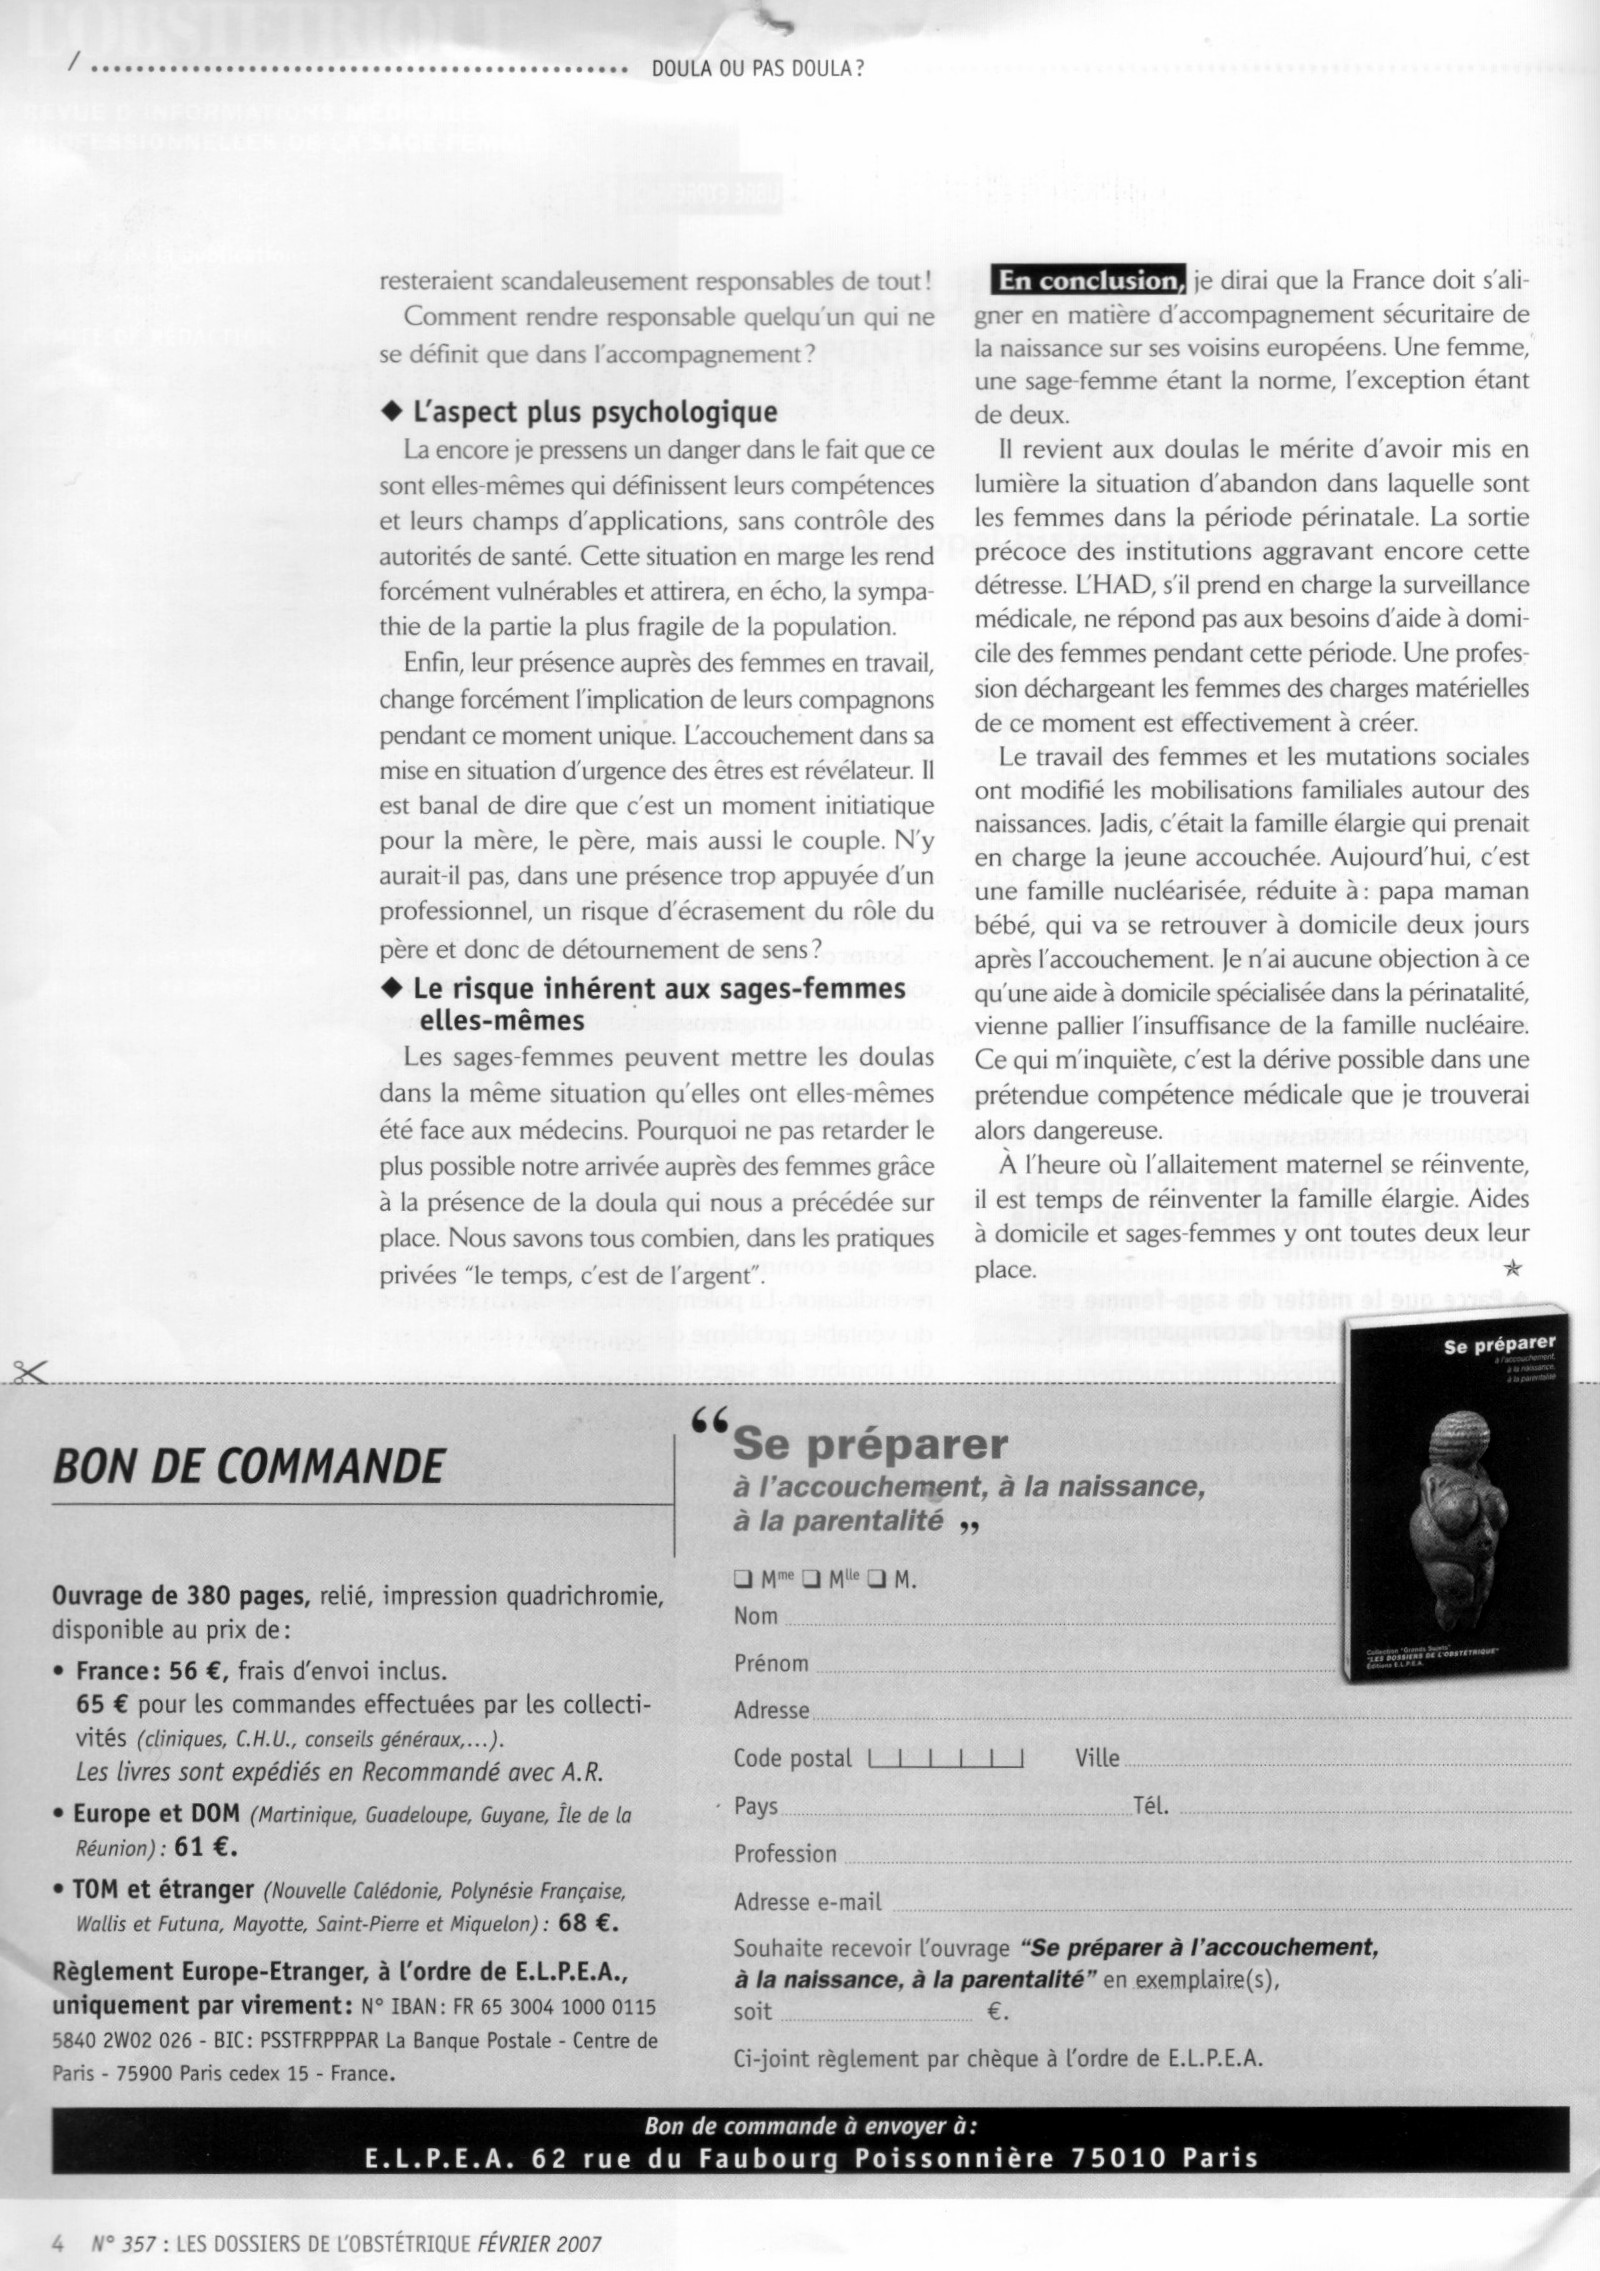 200702-DoulaOuPasDoula-3